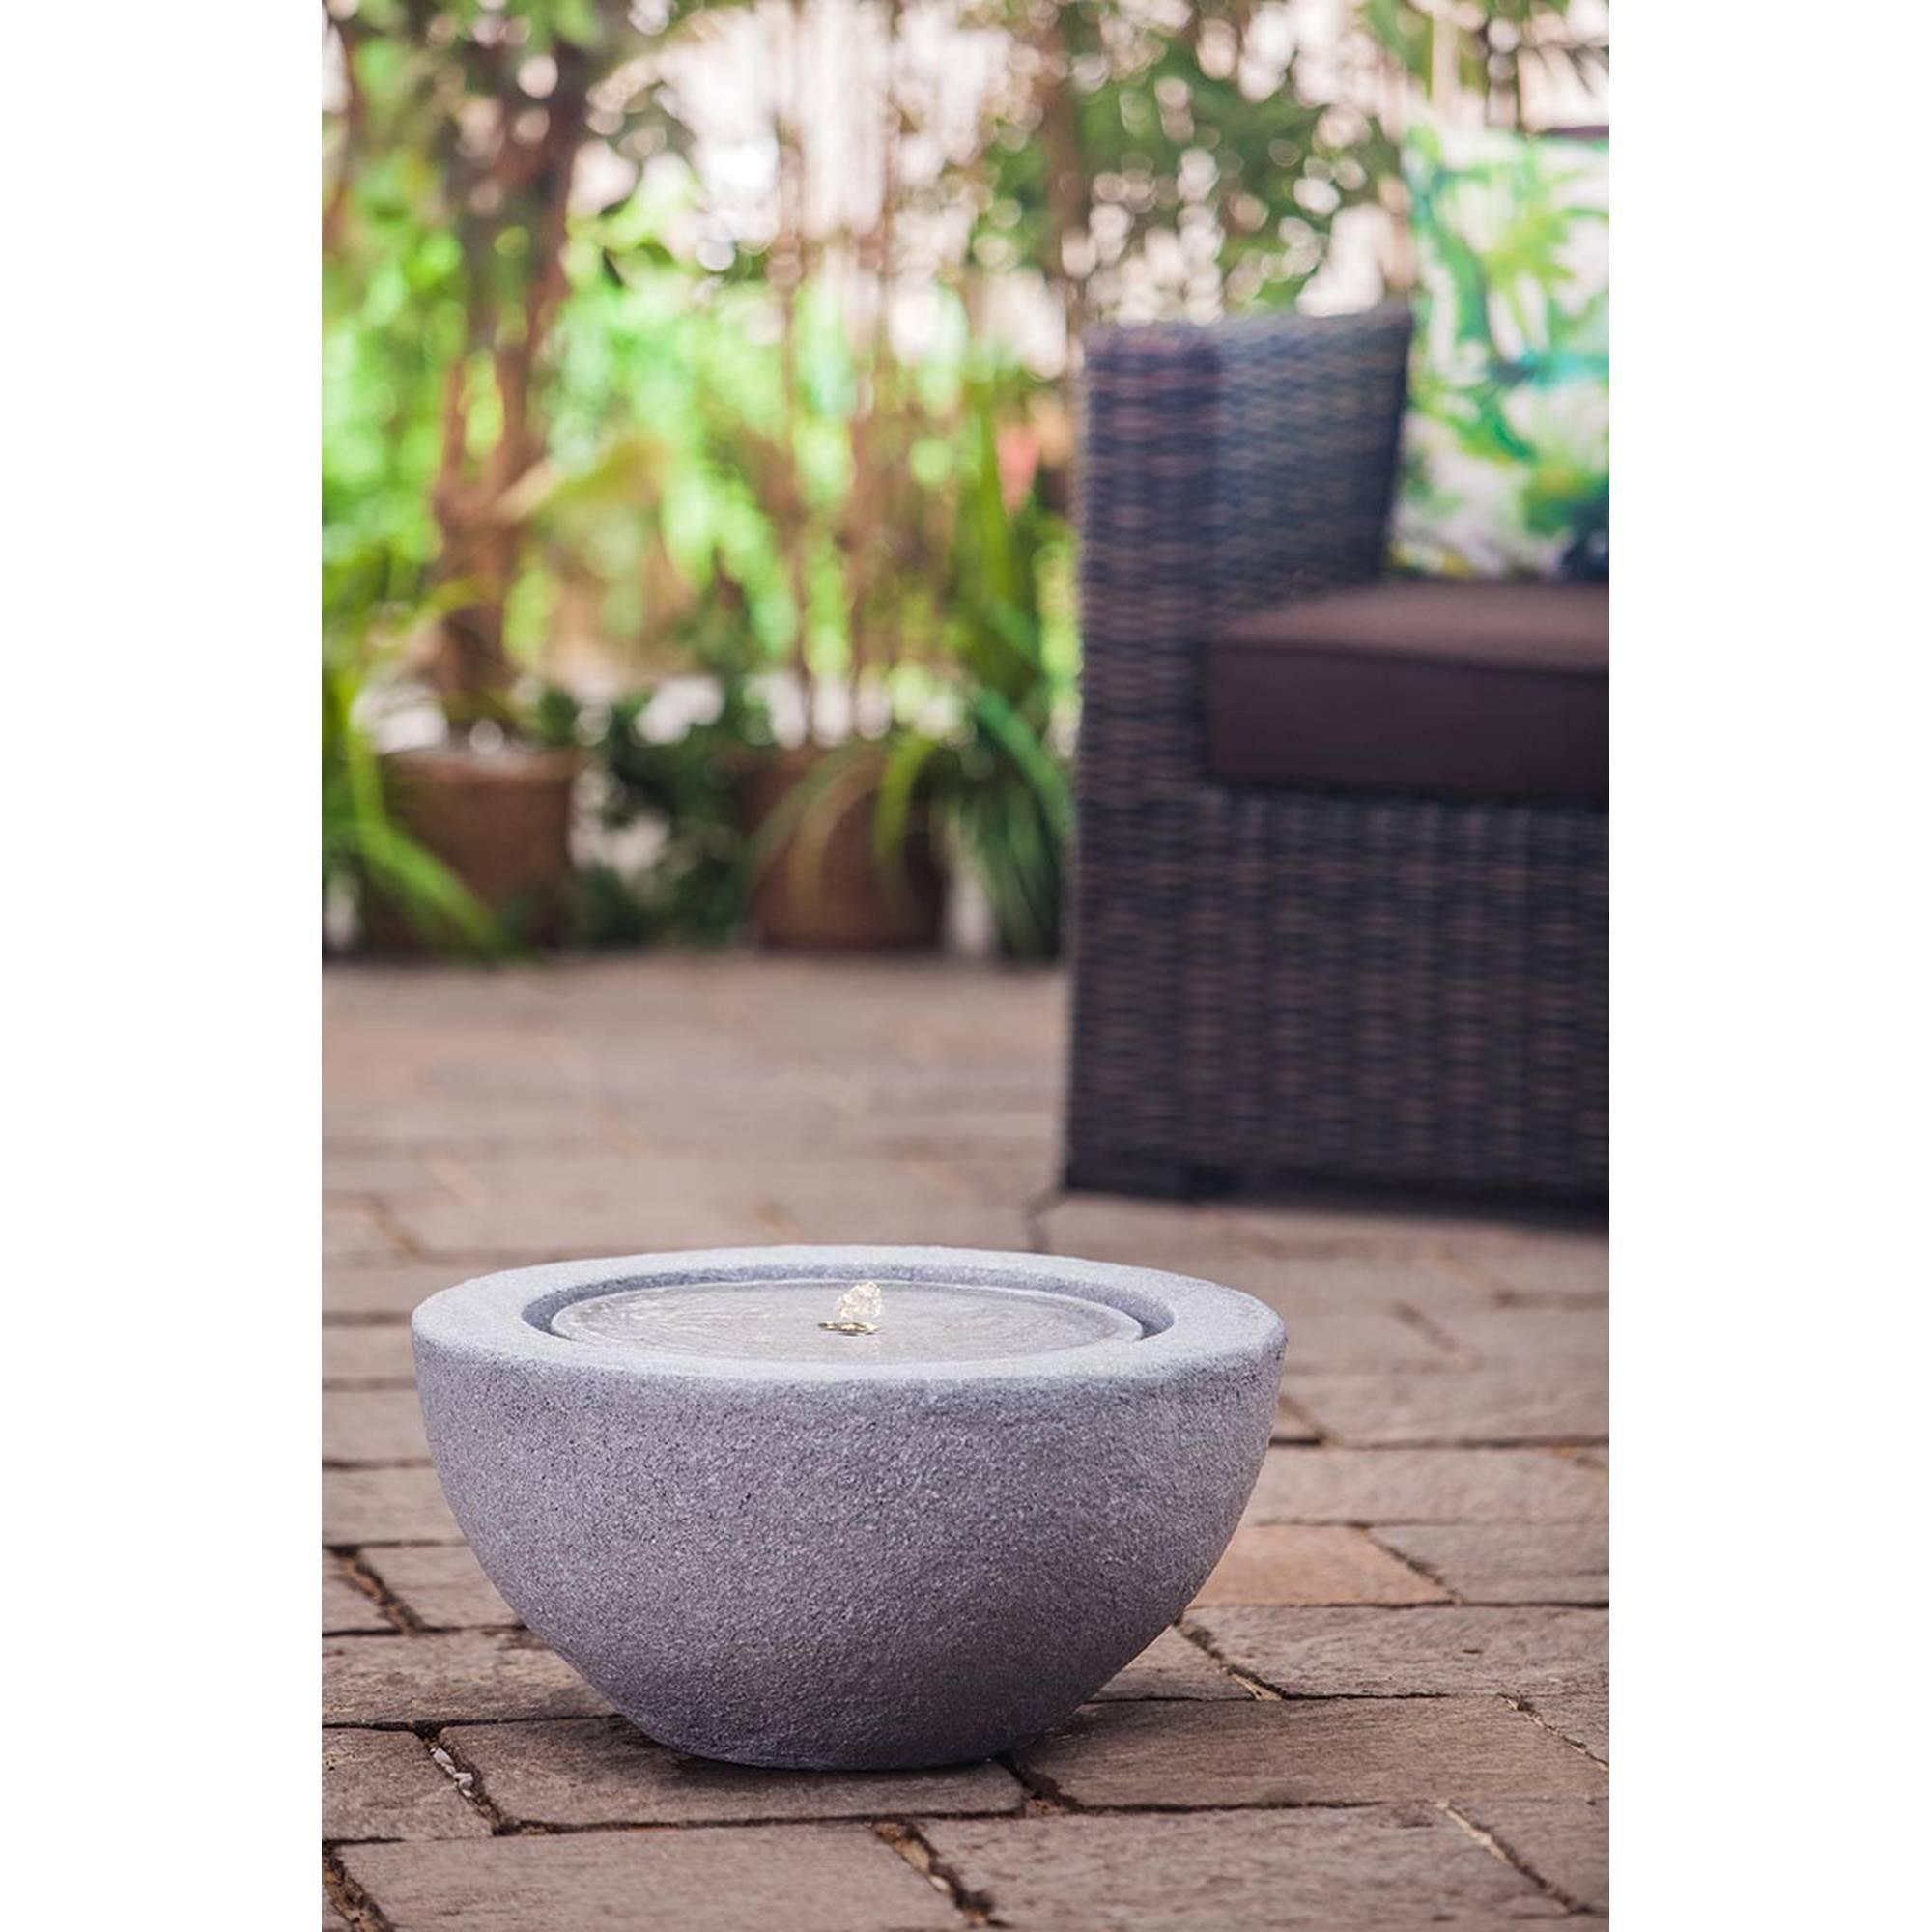 grauer halbrunder Gartenbrunnen auf Steinterrasse vor Gartenstuhl